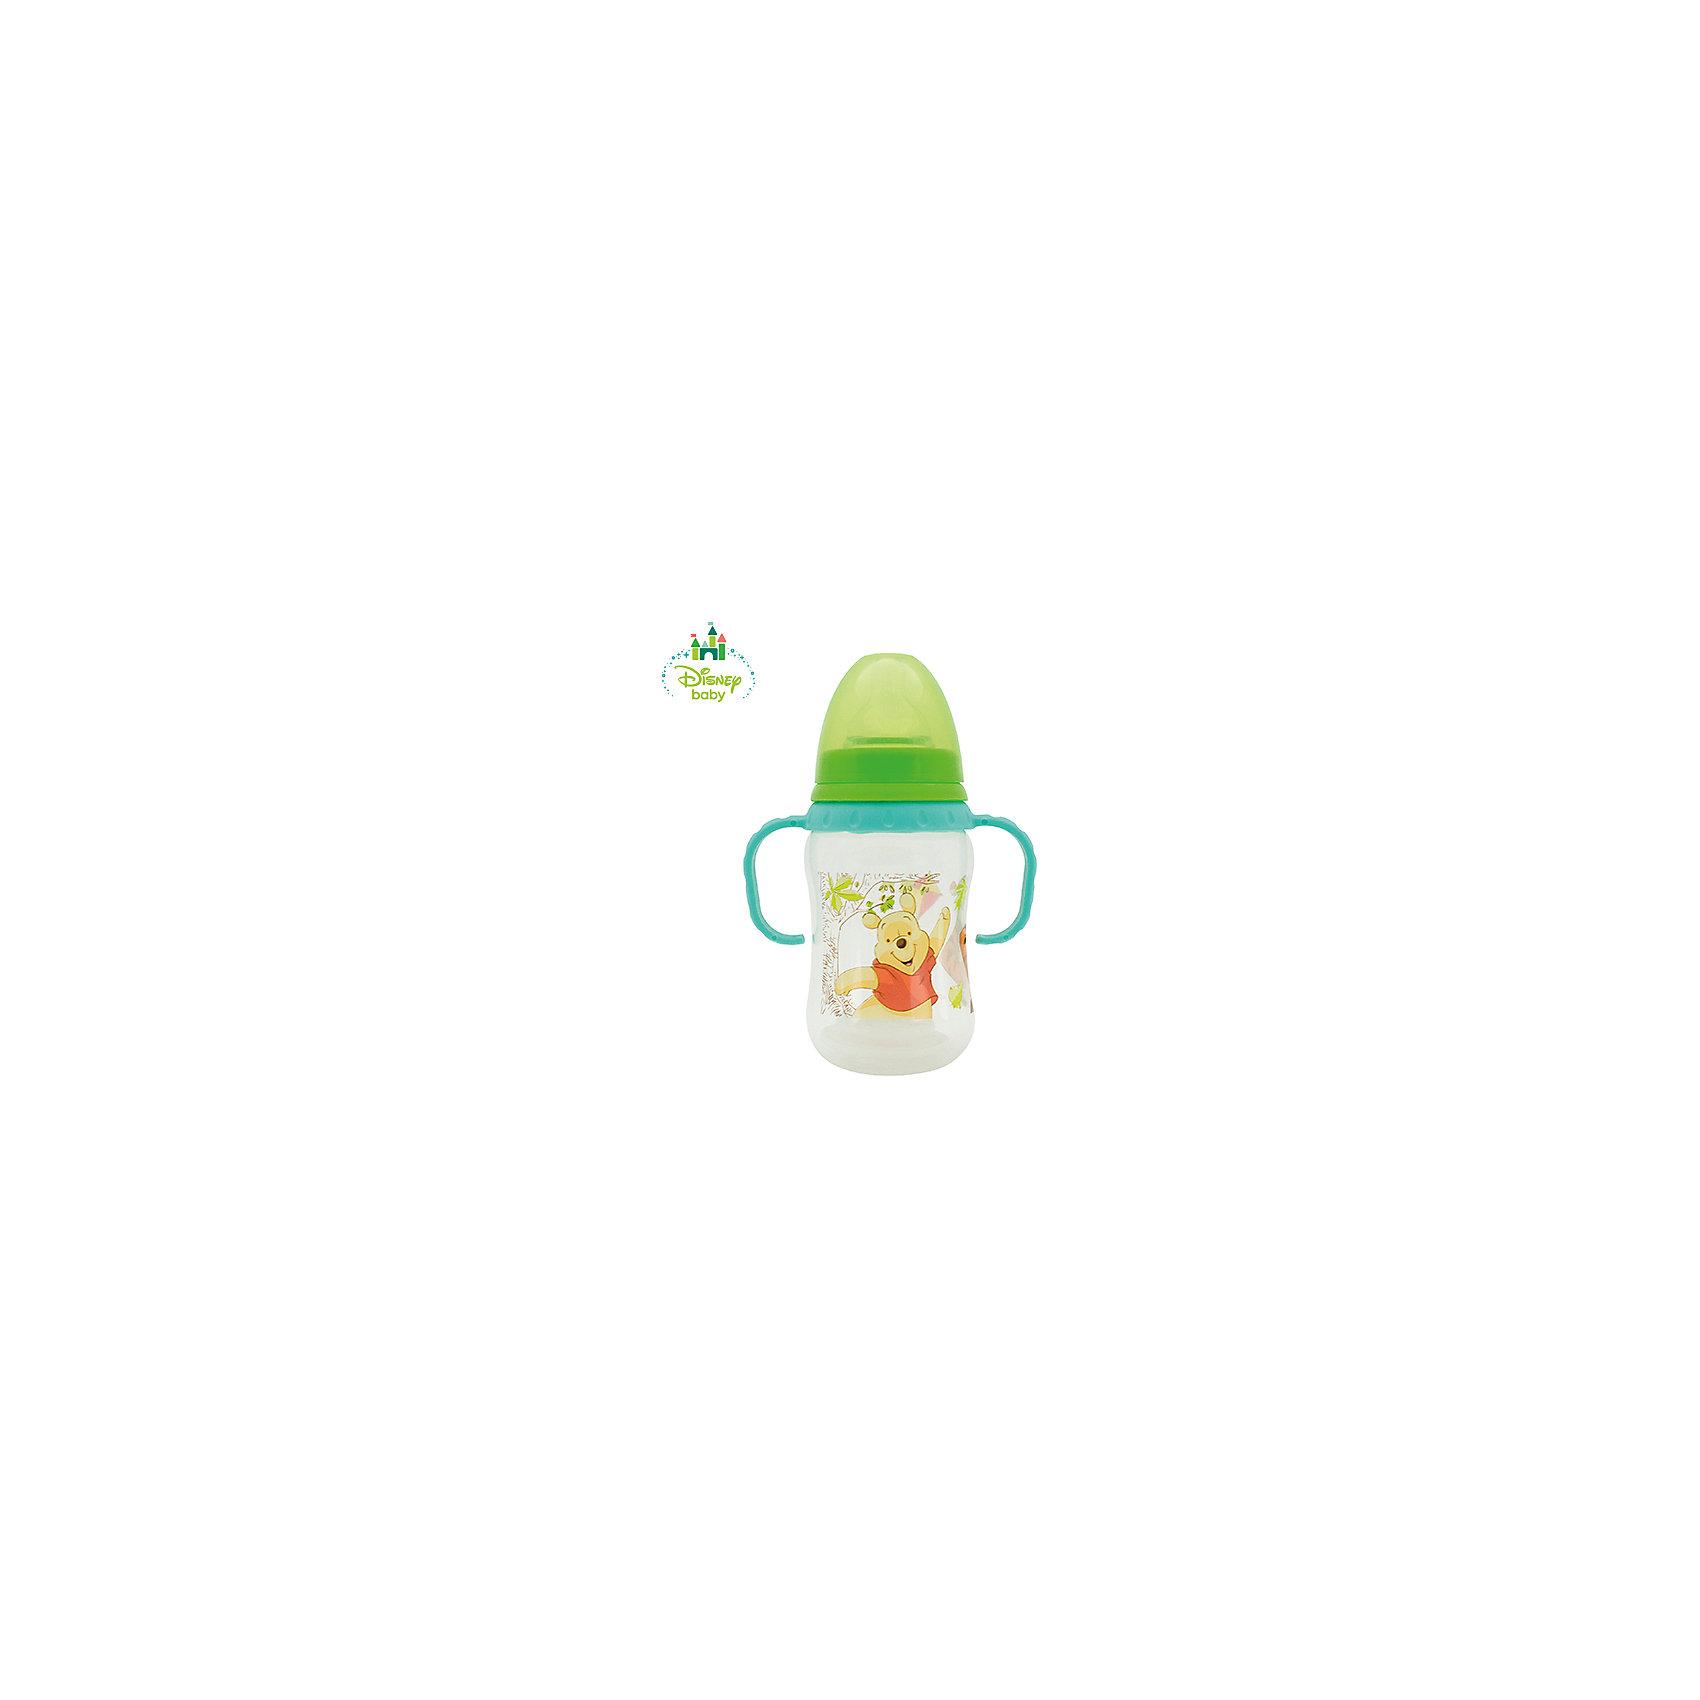 Бутылочка Медвежонок Винни DISNEY от 6 мес., 250 мл., LUBBY, зеленый/бирюзовыйБутылочка Медвежонок Винни с молочной силиконовой соской (размер М, средний поток) поможет   накормить Вашего малыша. С учетом возраста ребенка и для разного типа жидкостей используйте соски LUBBY различного потока (S, M, L, Х - для густой пищи). В комплекте к бутылочке Медвежонок Винни прилагается дополнительный мягкий наконечник, превращая бутылочку в поильник. А ручки и точная нестираемая шкала делают его незаменим, как для малышей, так и для мамочек.<br><br>Дополнительная информация: <br><br>- состав: полипропилен (pp), силикон<br>- срок службы: бутылочки - 1 год, соски - 45 дней<br>- размер единичной упаковки (дхшхв) : 73 * 165 * 100<br>- объем: 250 мл.<br><br>Бутылочка Медвежонок Винни с соской, носиком и ручками можно купить в нашем интернет-магазине.<br><br>Ширина мм: 350<br>Глубина мм: 200<br>Высота мм: 150<br>Вес г: 350<br>Возраст от месяцев: 6<br>Возраст до месяцев: 36<br>Пол: Унисекс<br>Возраст: Детский<br>SKU: 4801551